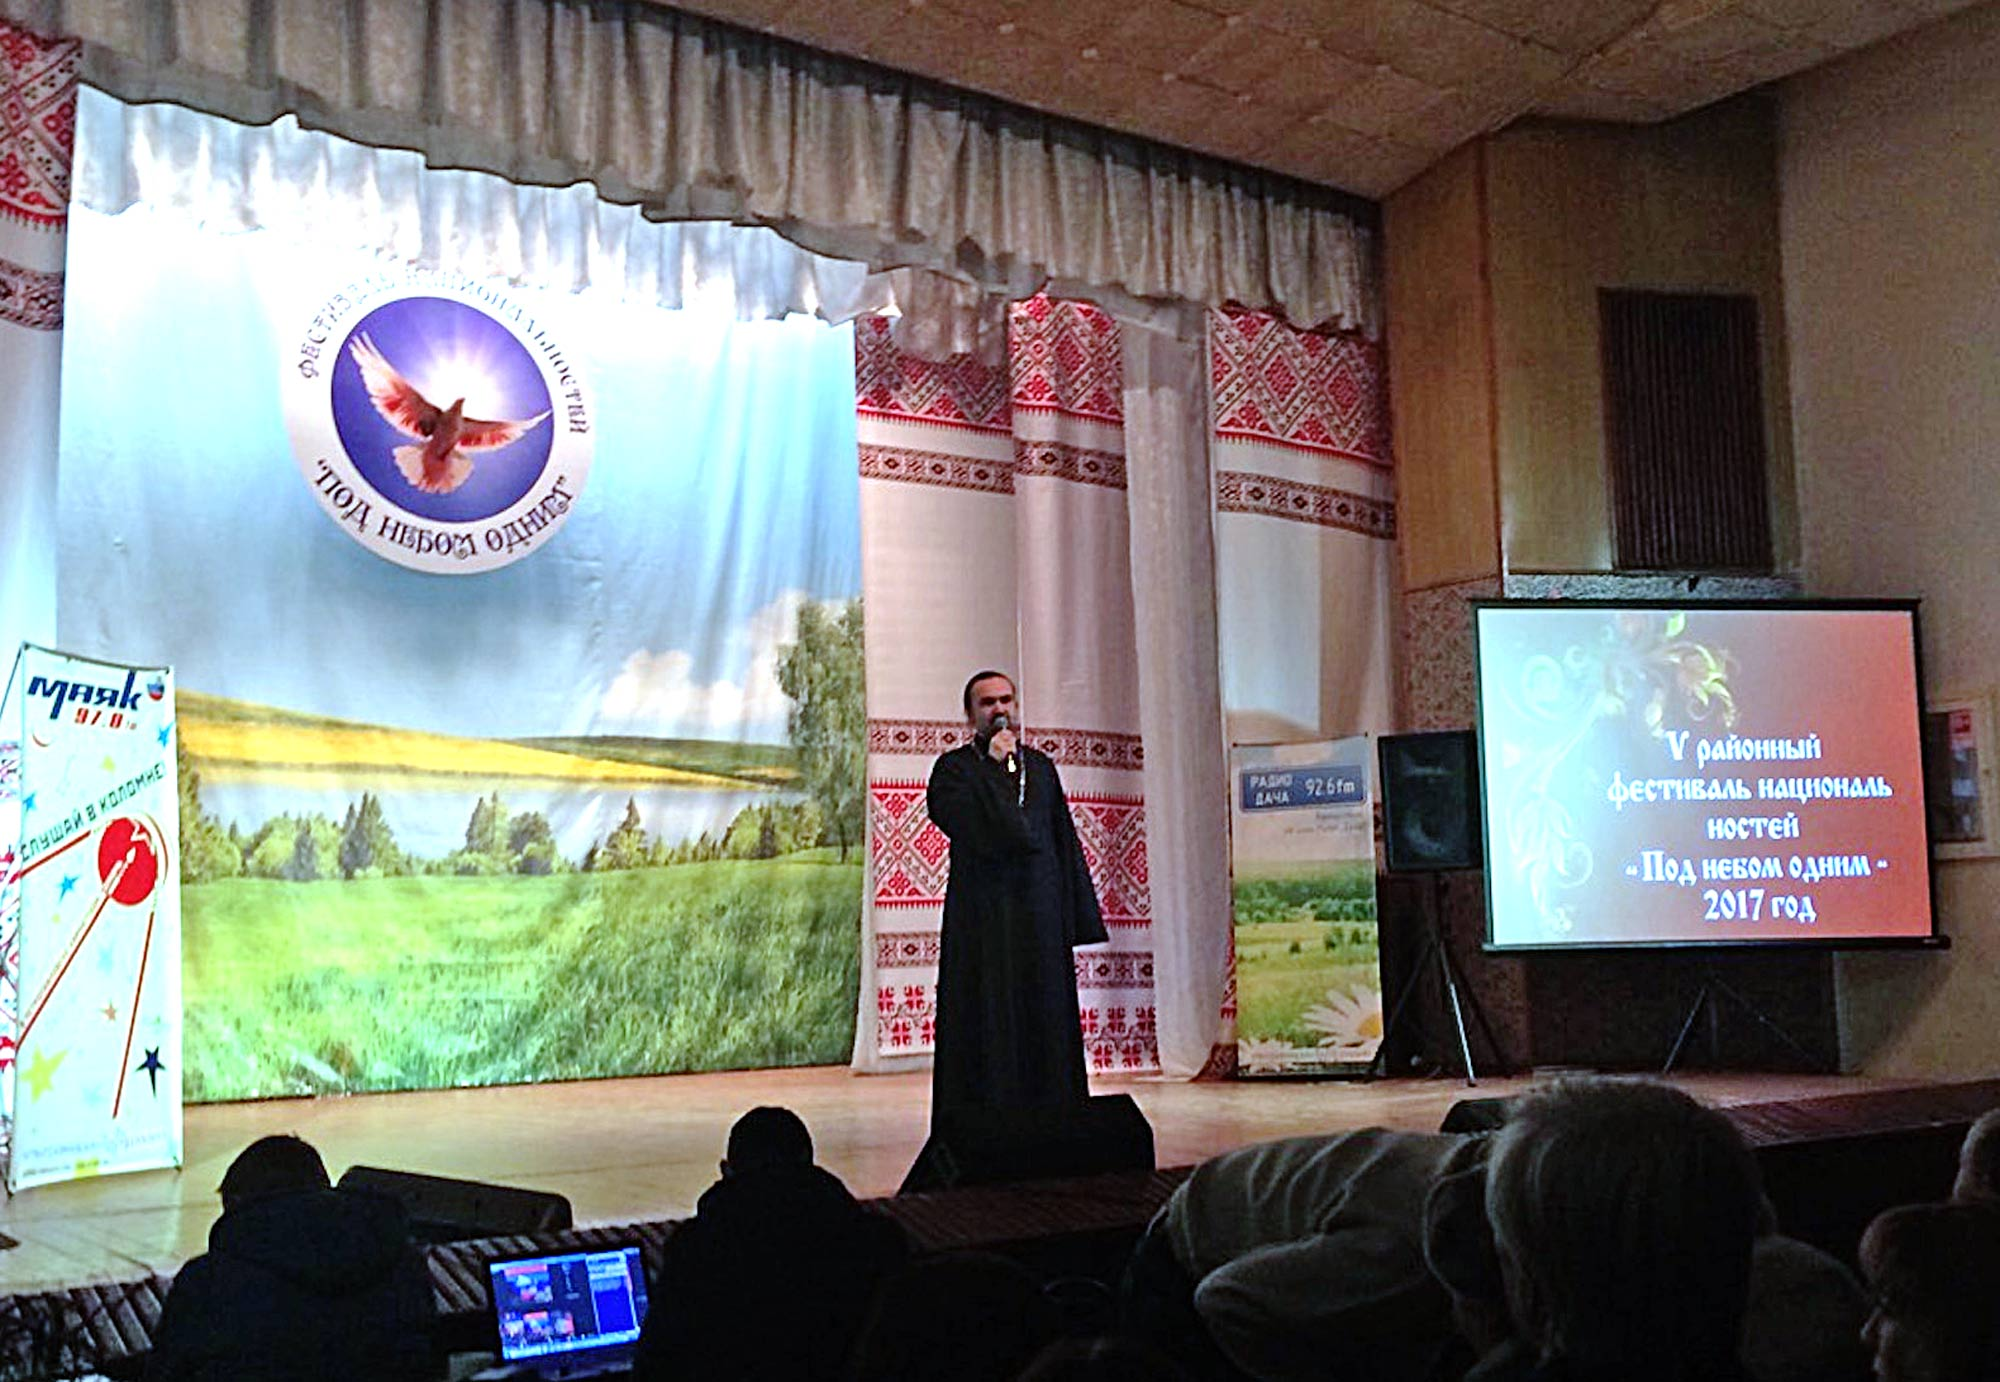 V Коломенский районный фестиваль национальностей «Под небом одним»